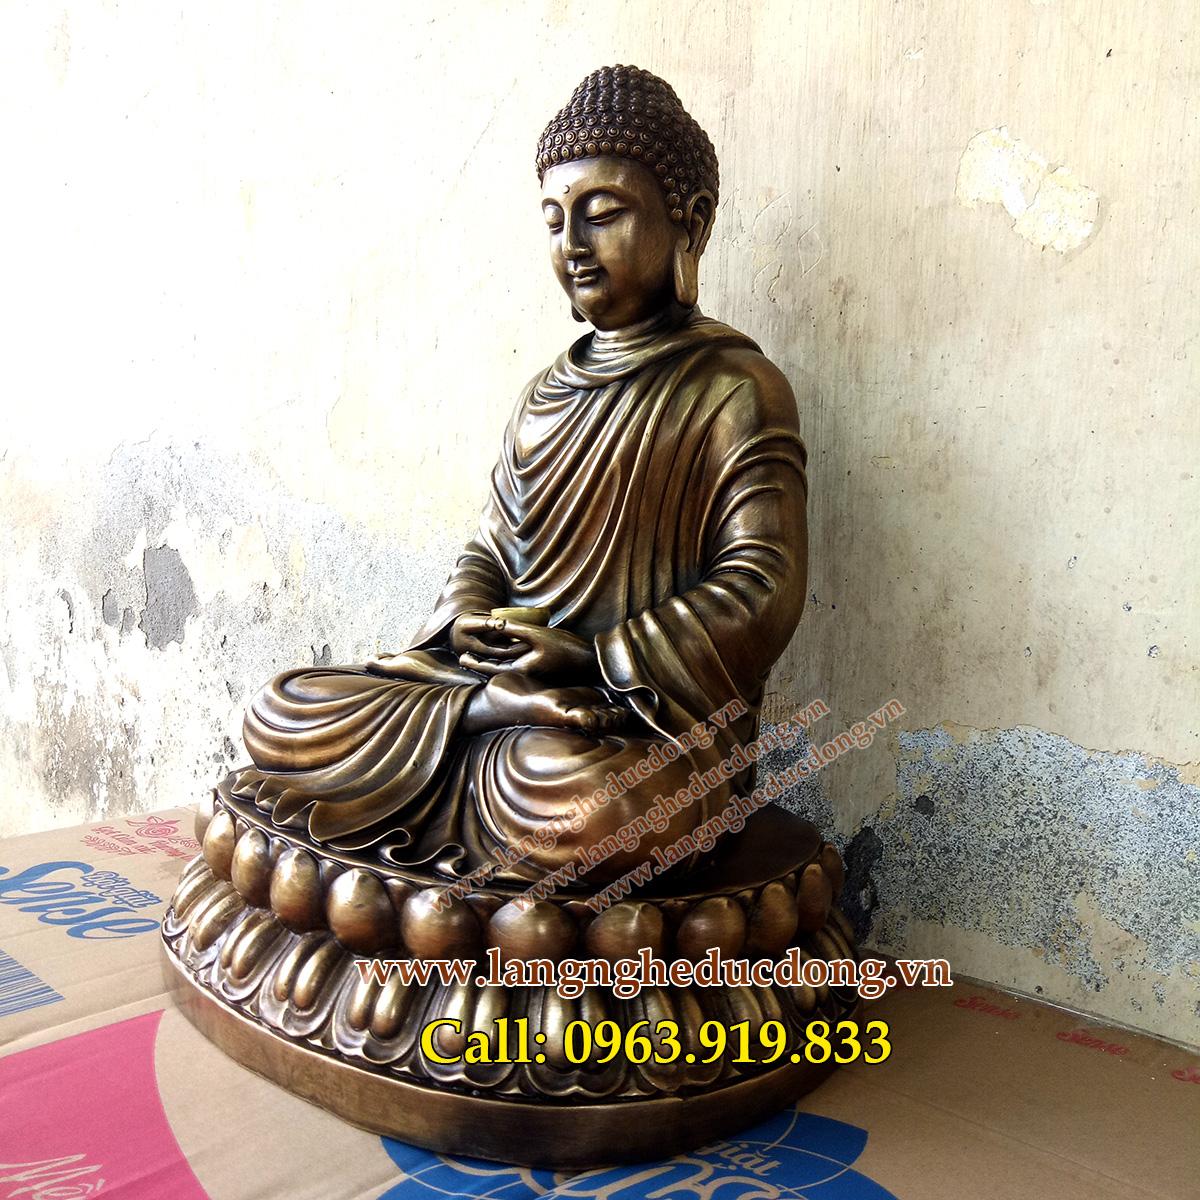 langngheducdong.vn - tượng phật, tượng đồng, tượng thờ bằng đồng, tượng bổn sư thích ca